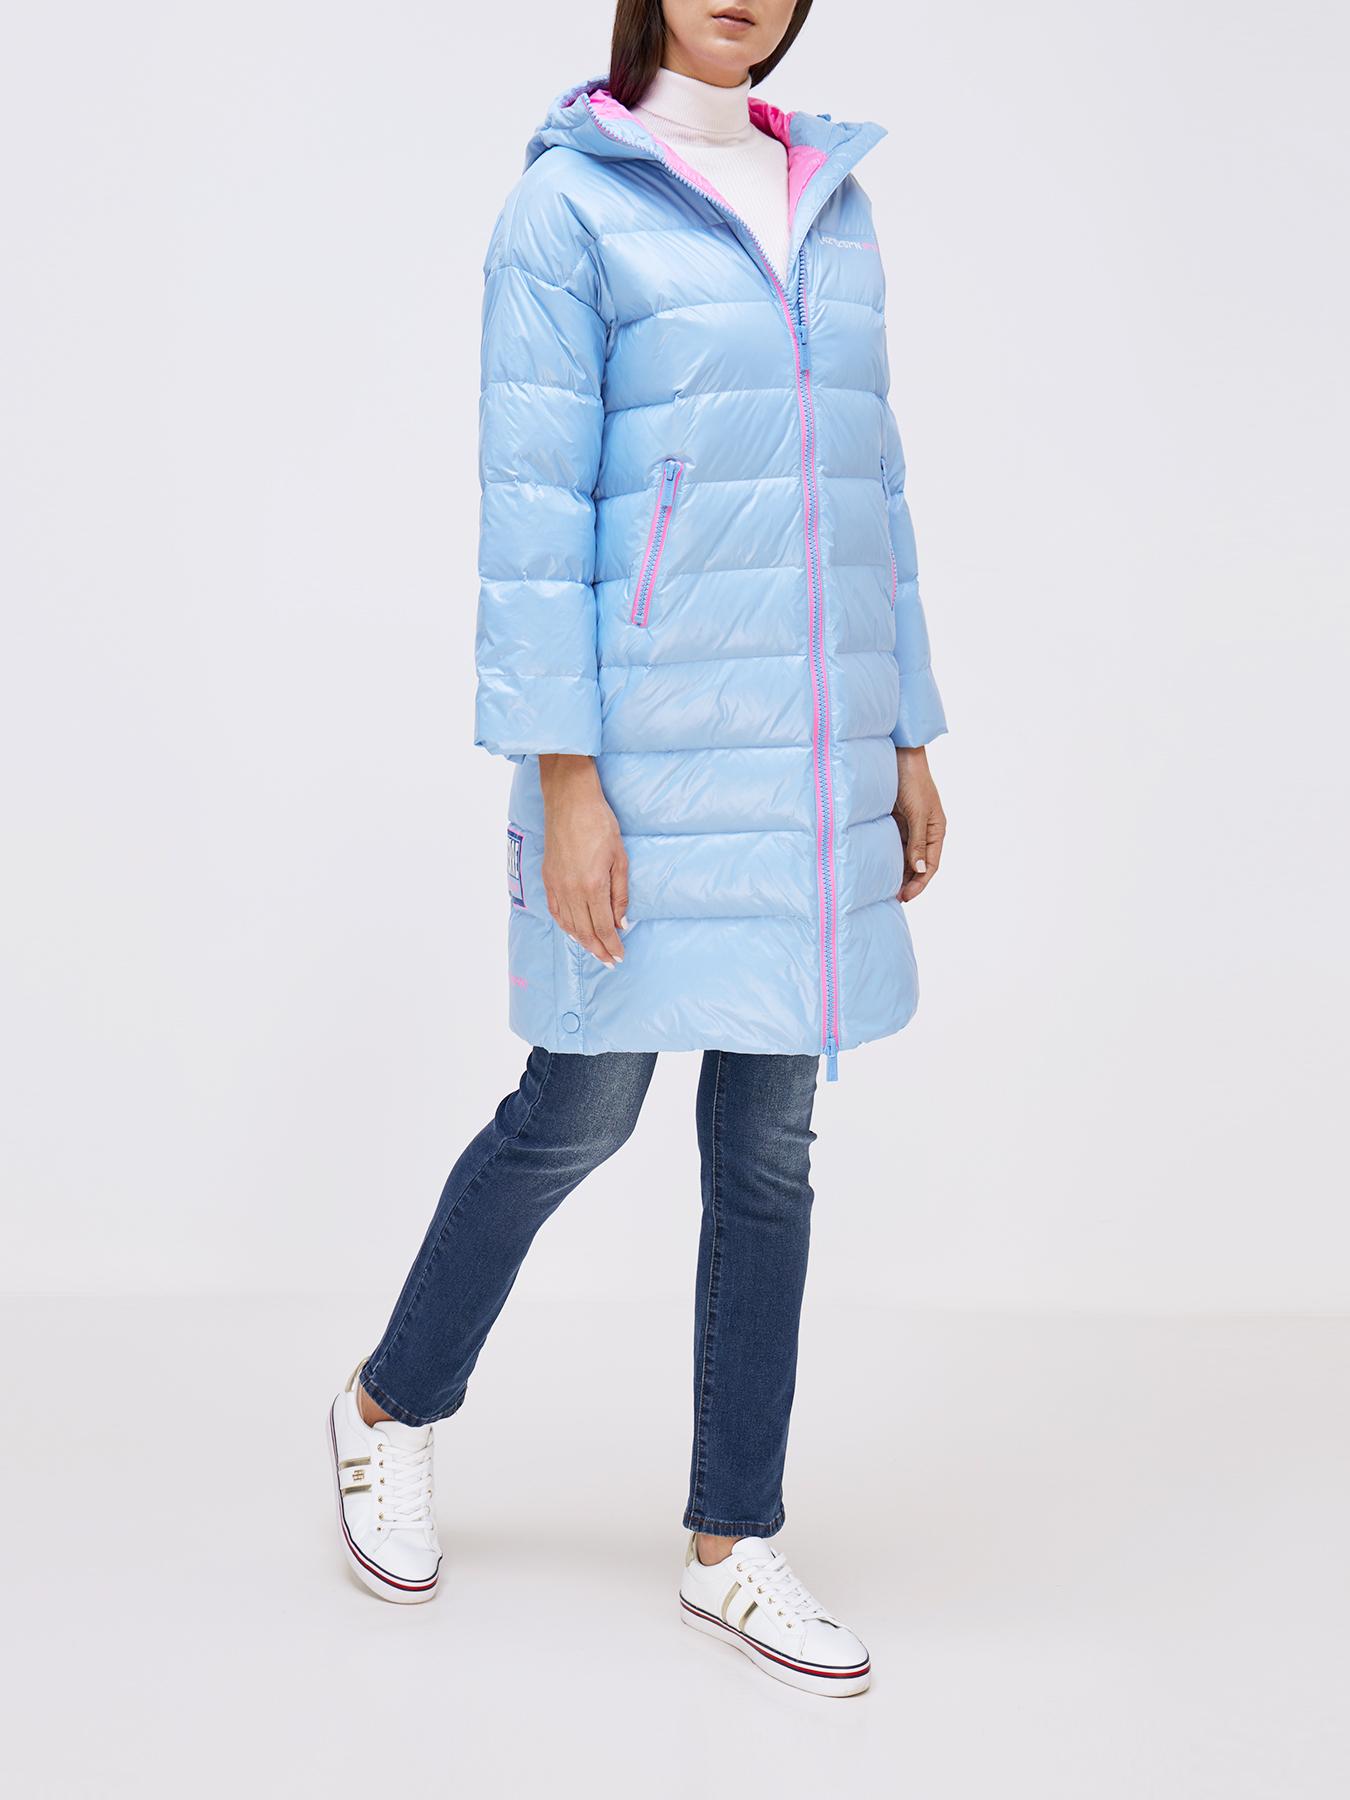 Finisterre Удлиненная куртка фото